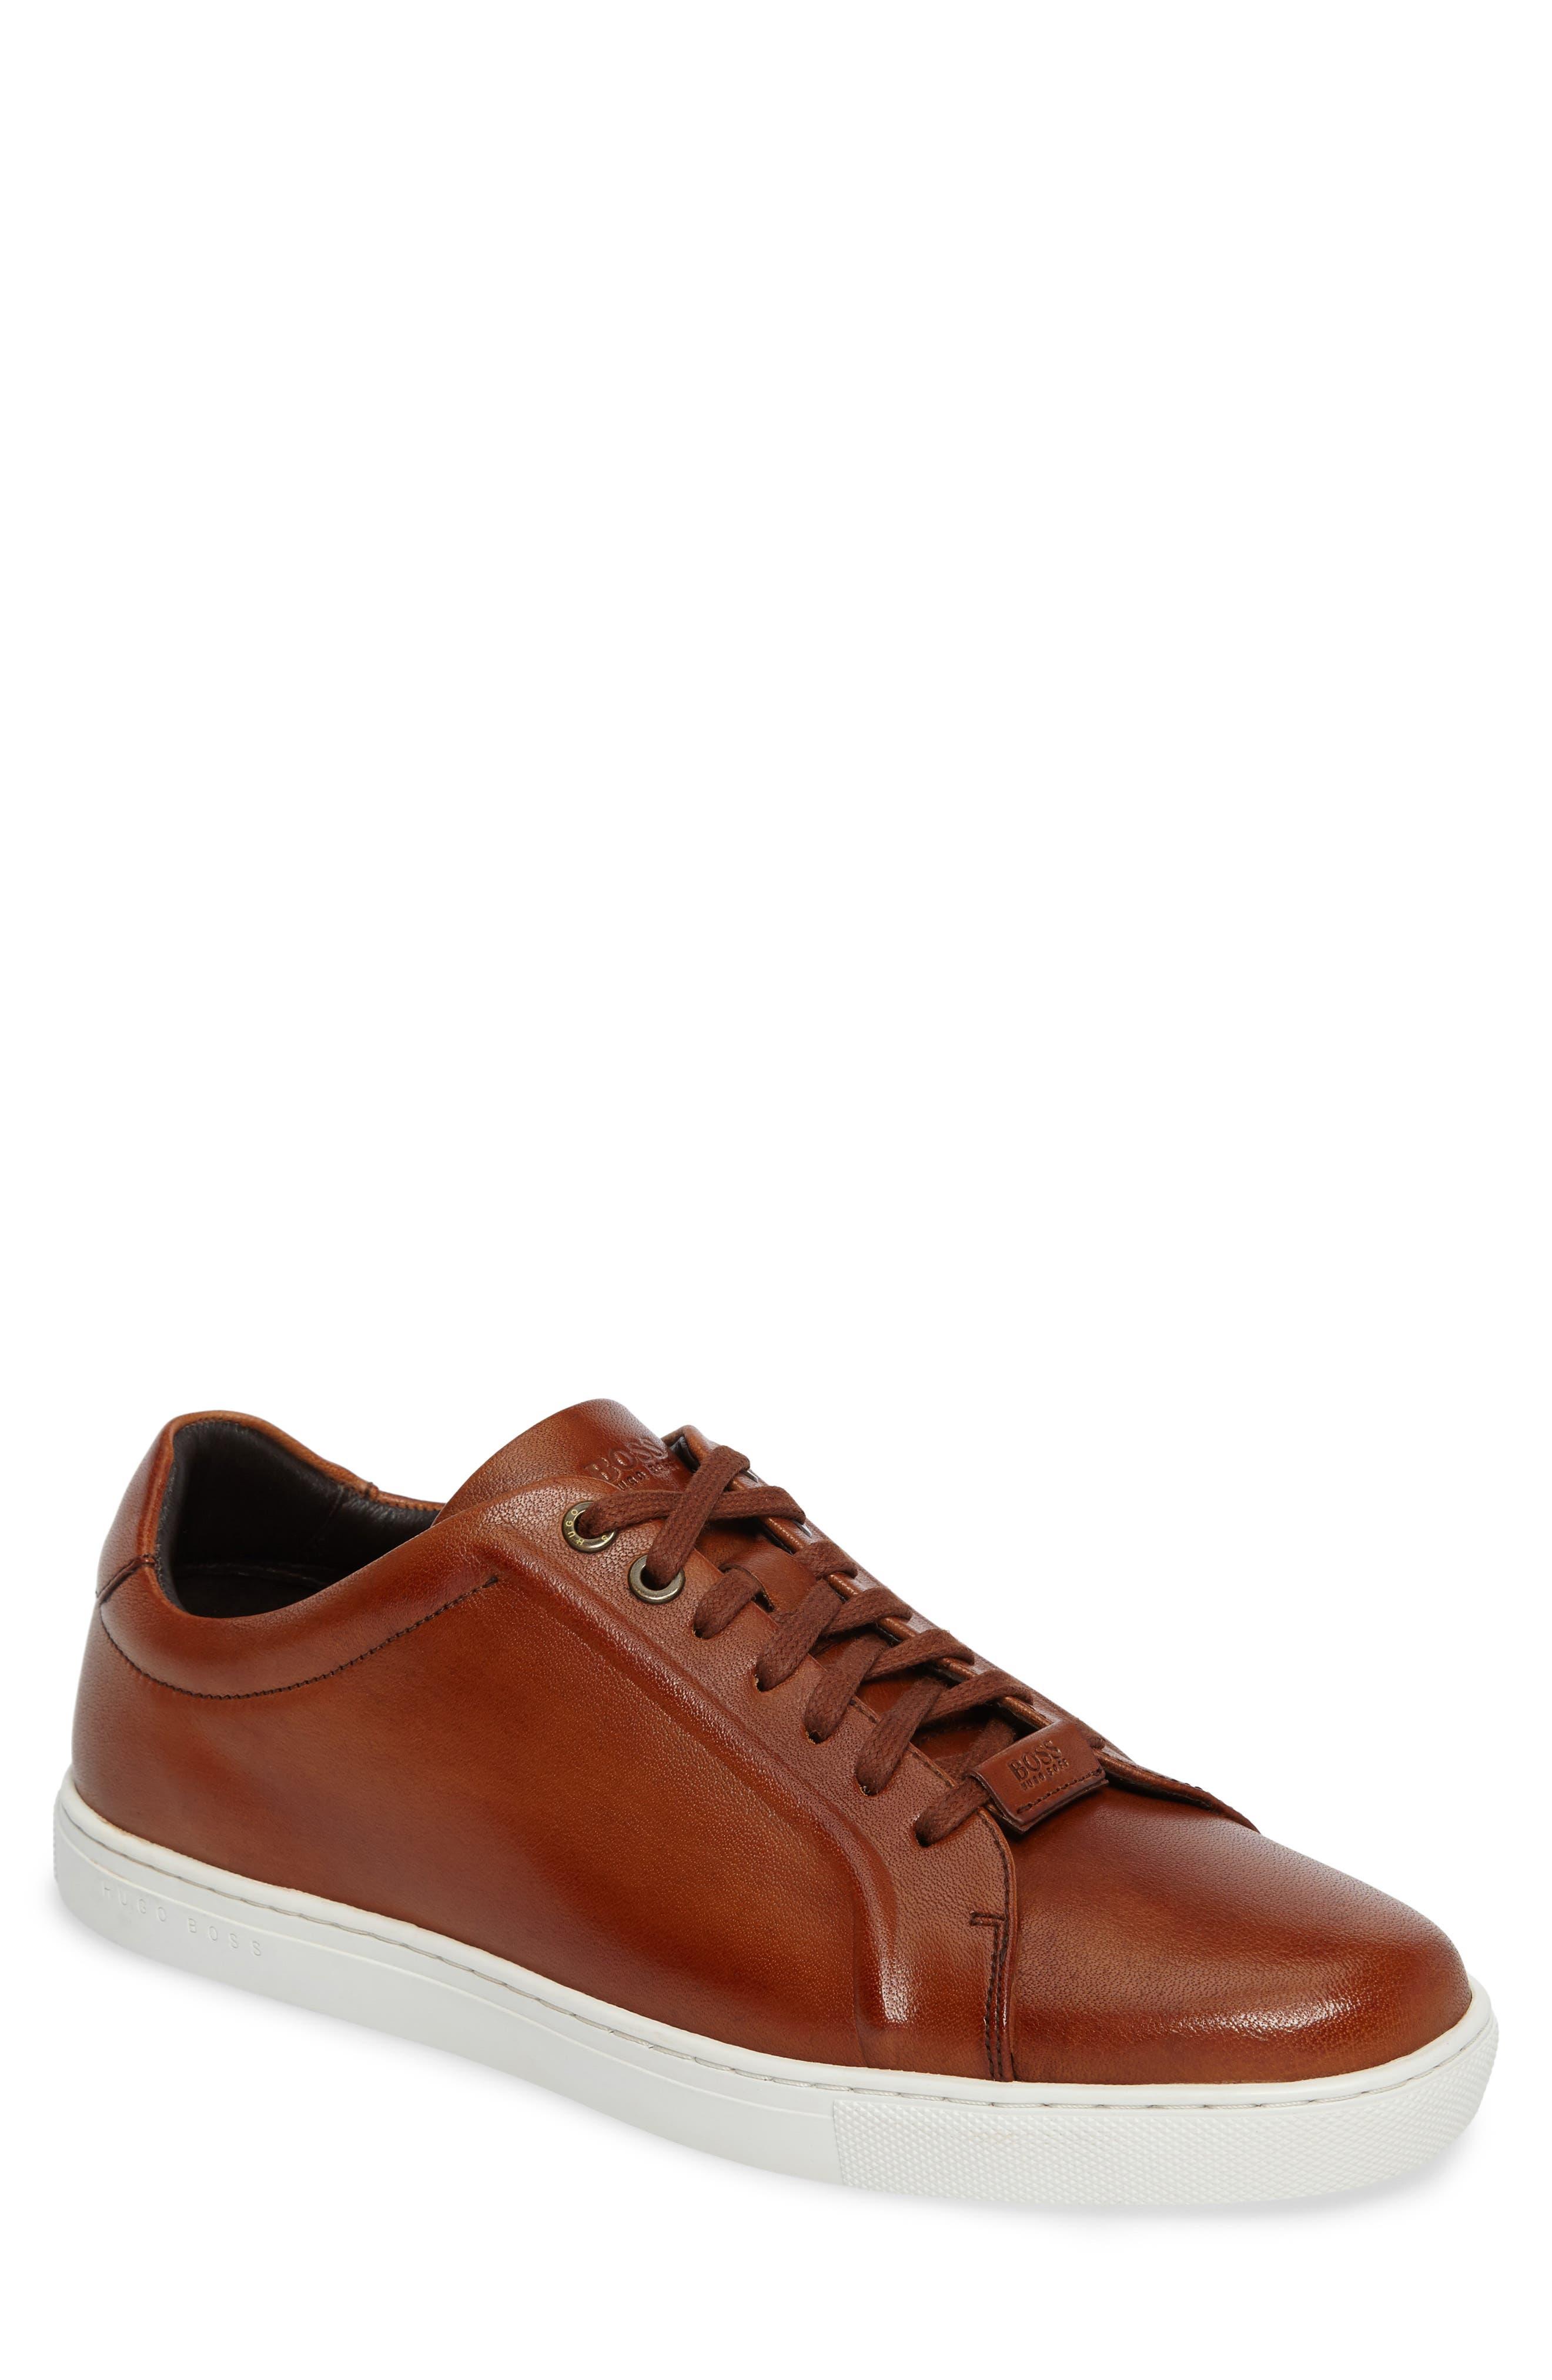 Tribute Sneaker,                         Main,                         color, 210